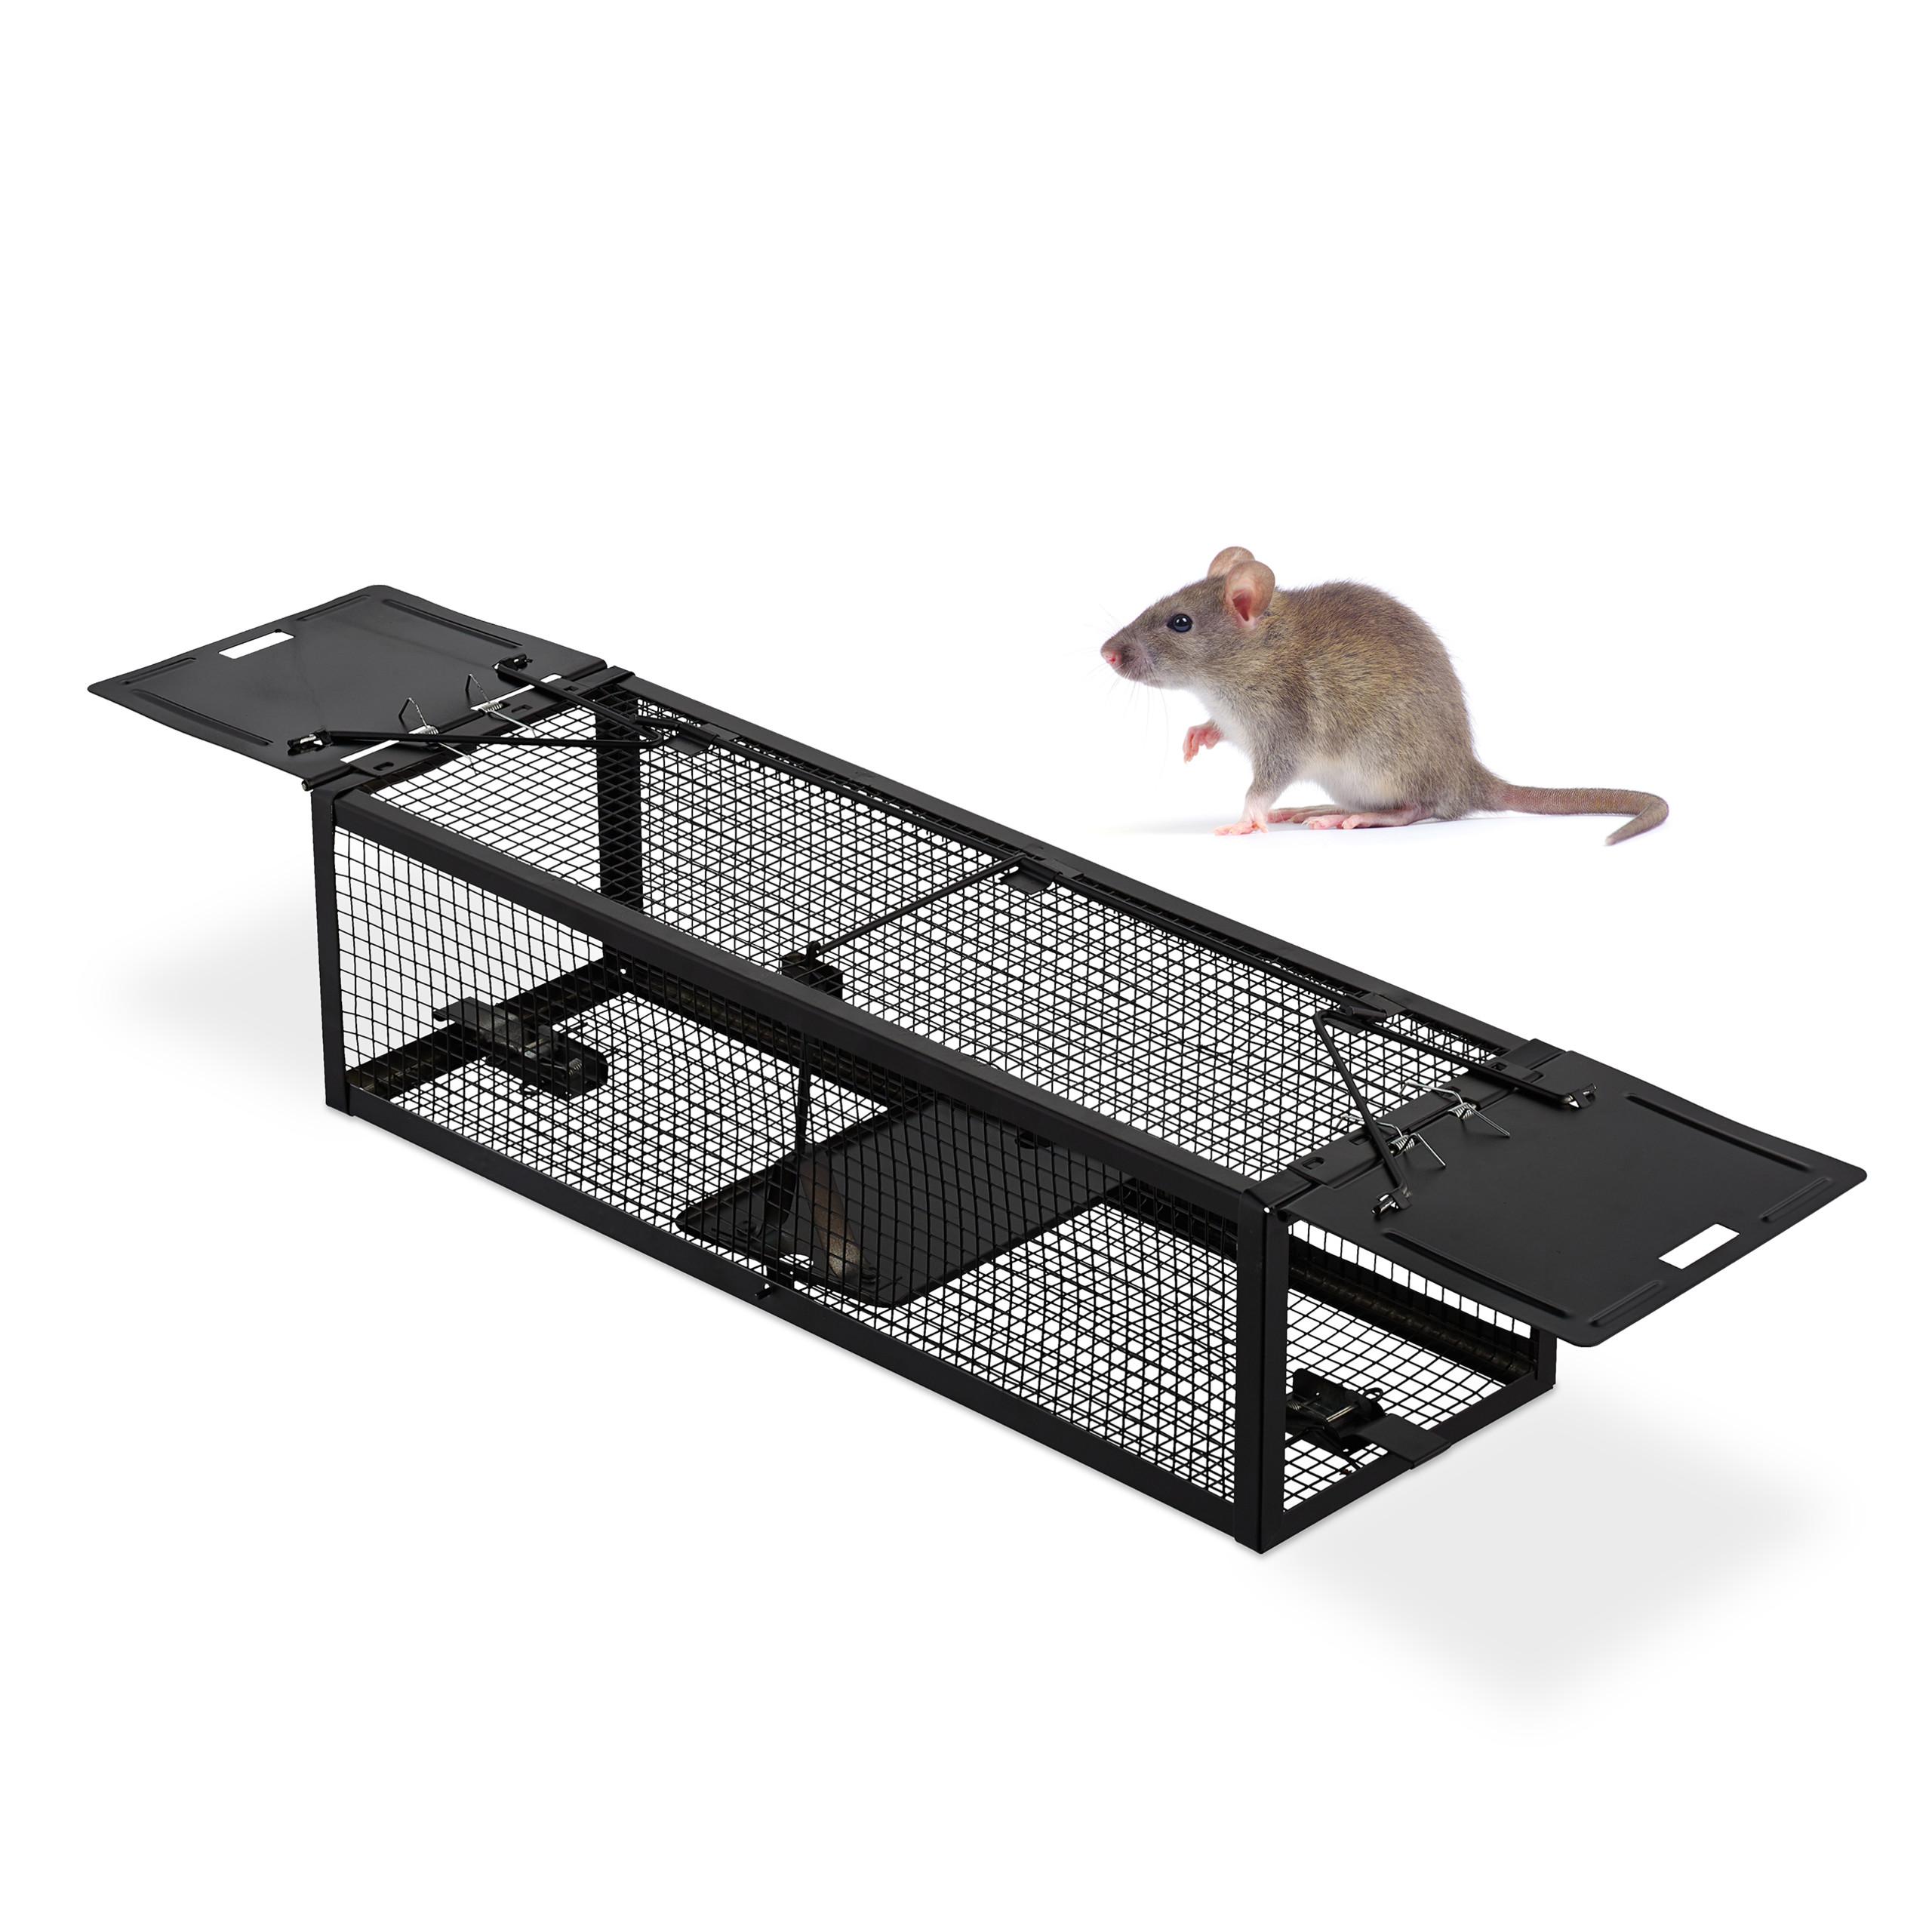 10 x Mäusefalle Mausefalle Lebendfalle Tierfalle Kasten Falle Mause Mäuse fangen